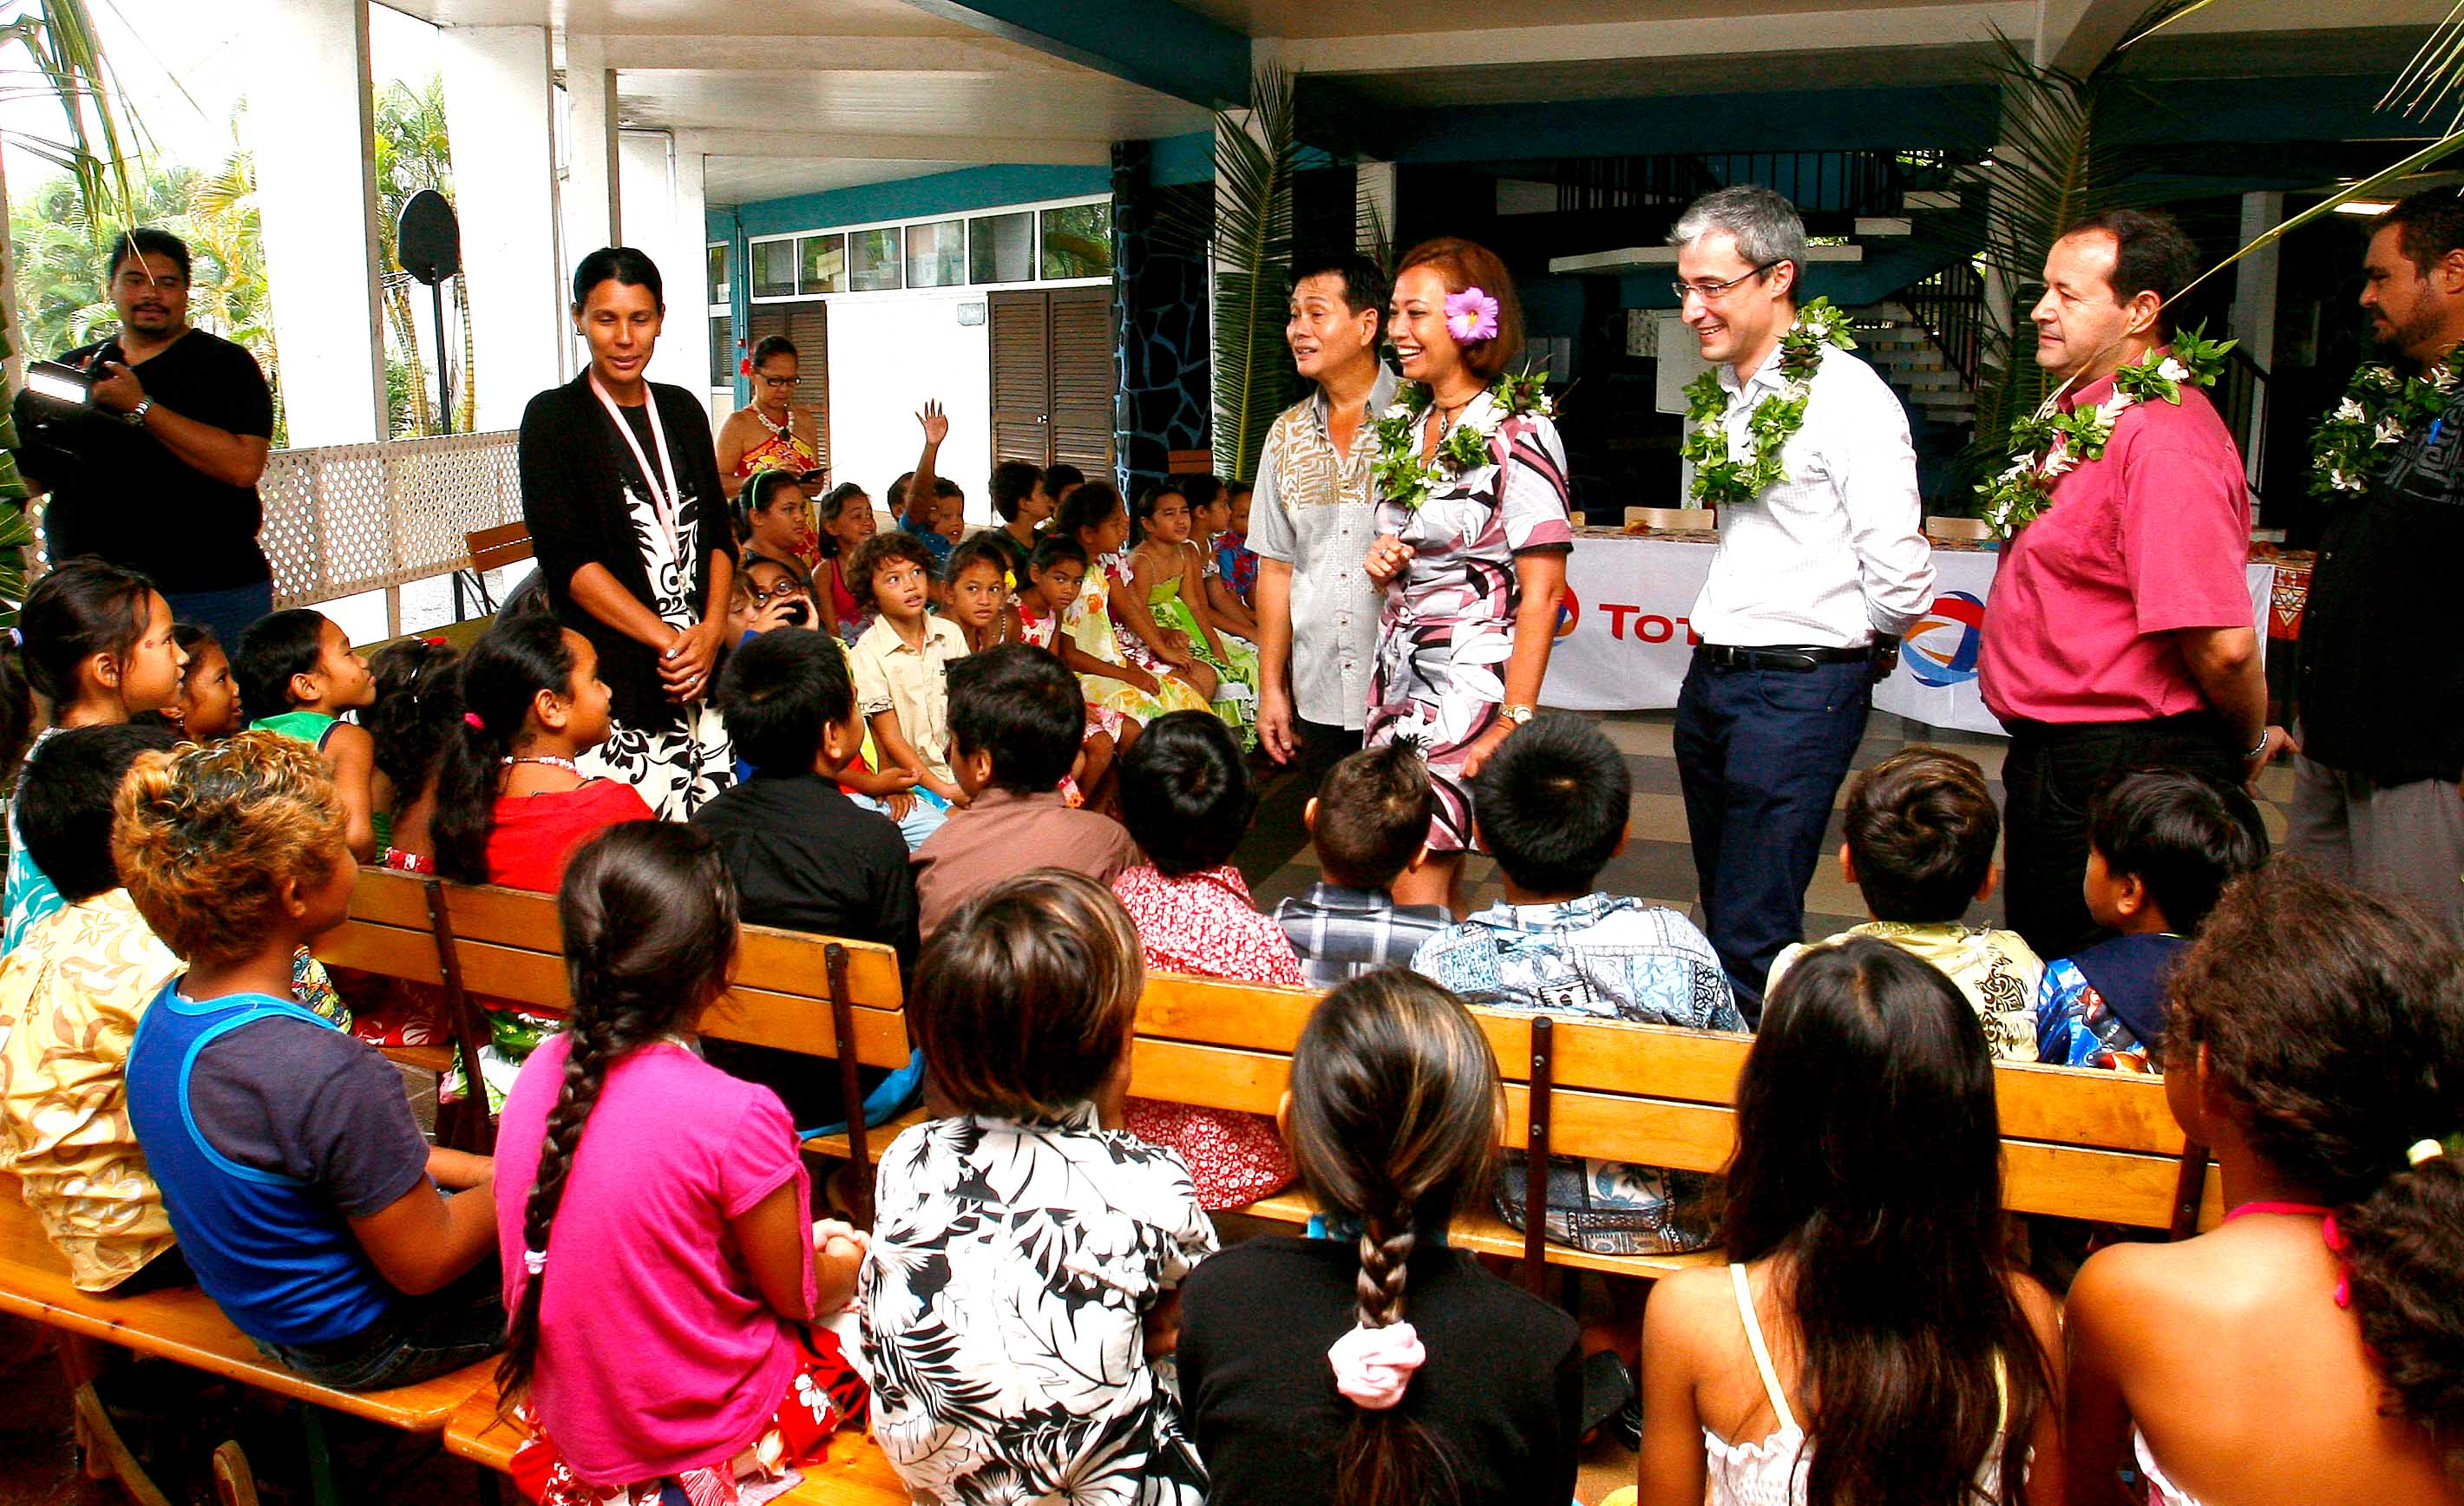 Campagne de sécurité routière dans les écoles : Nicole Sanquer-Fareata signe une convention avec l'entreprise Total